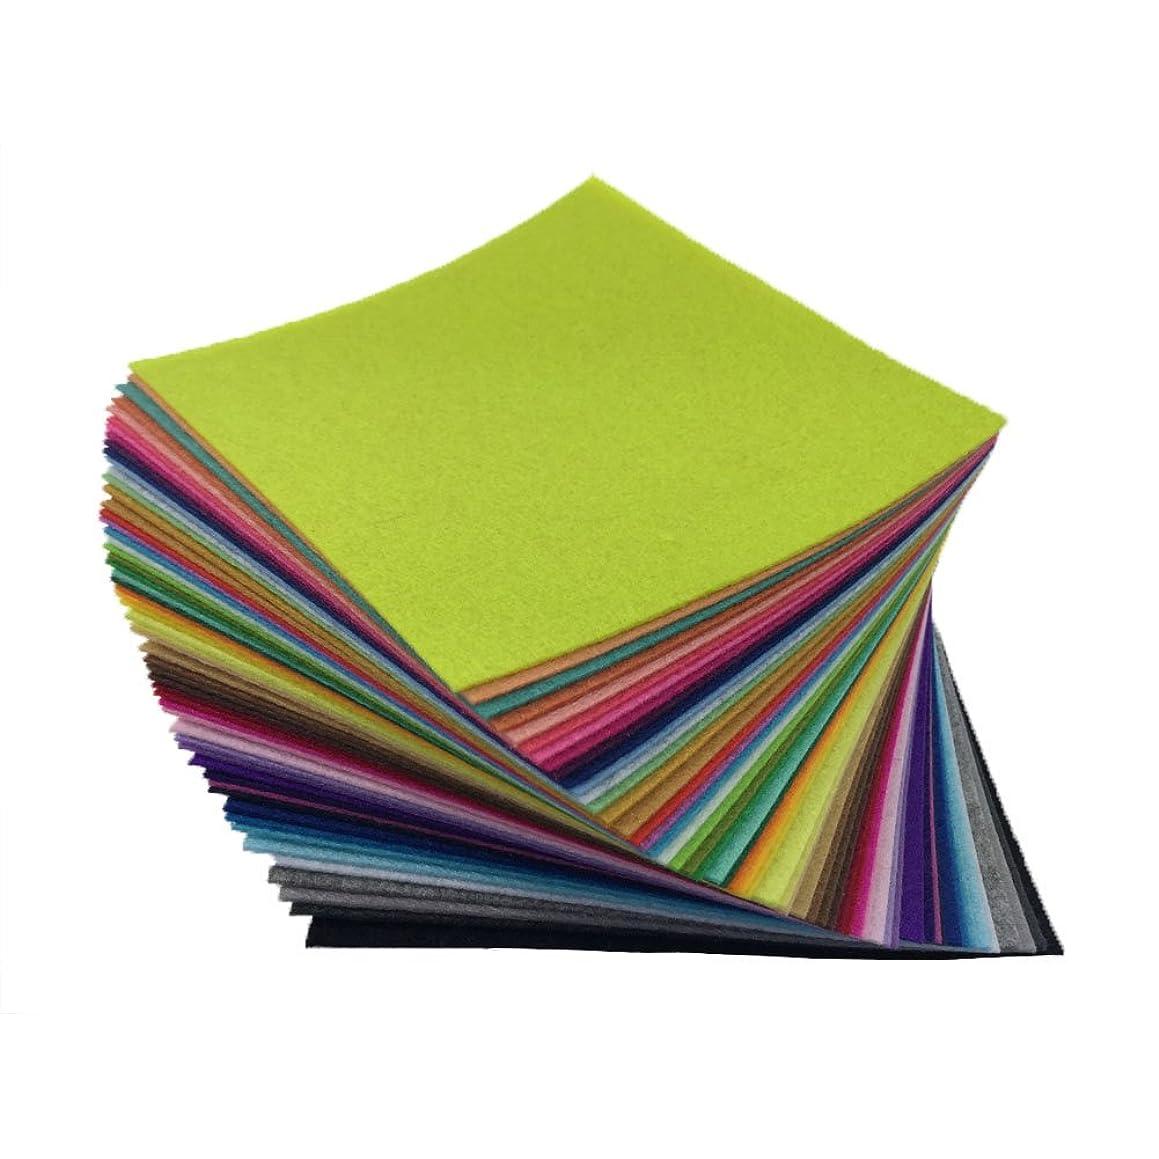 flic-flac 54pcs Felt Fabric Sheet Assorted Color Felt Pack DIY Craft Squares Nonwoven (30cm30cm)